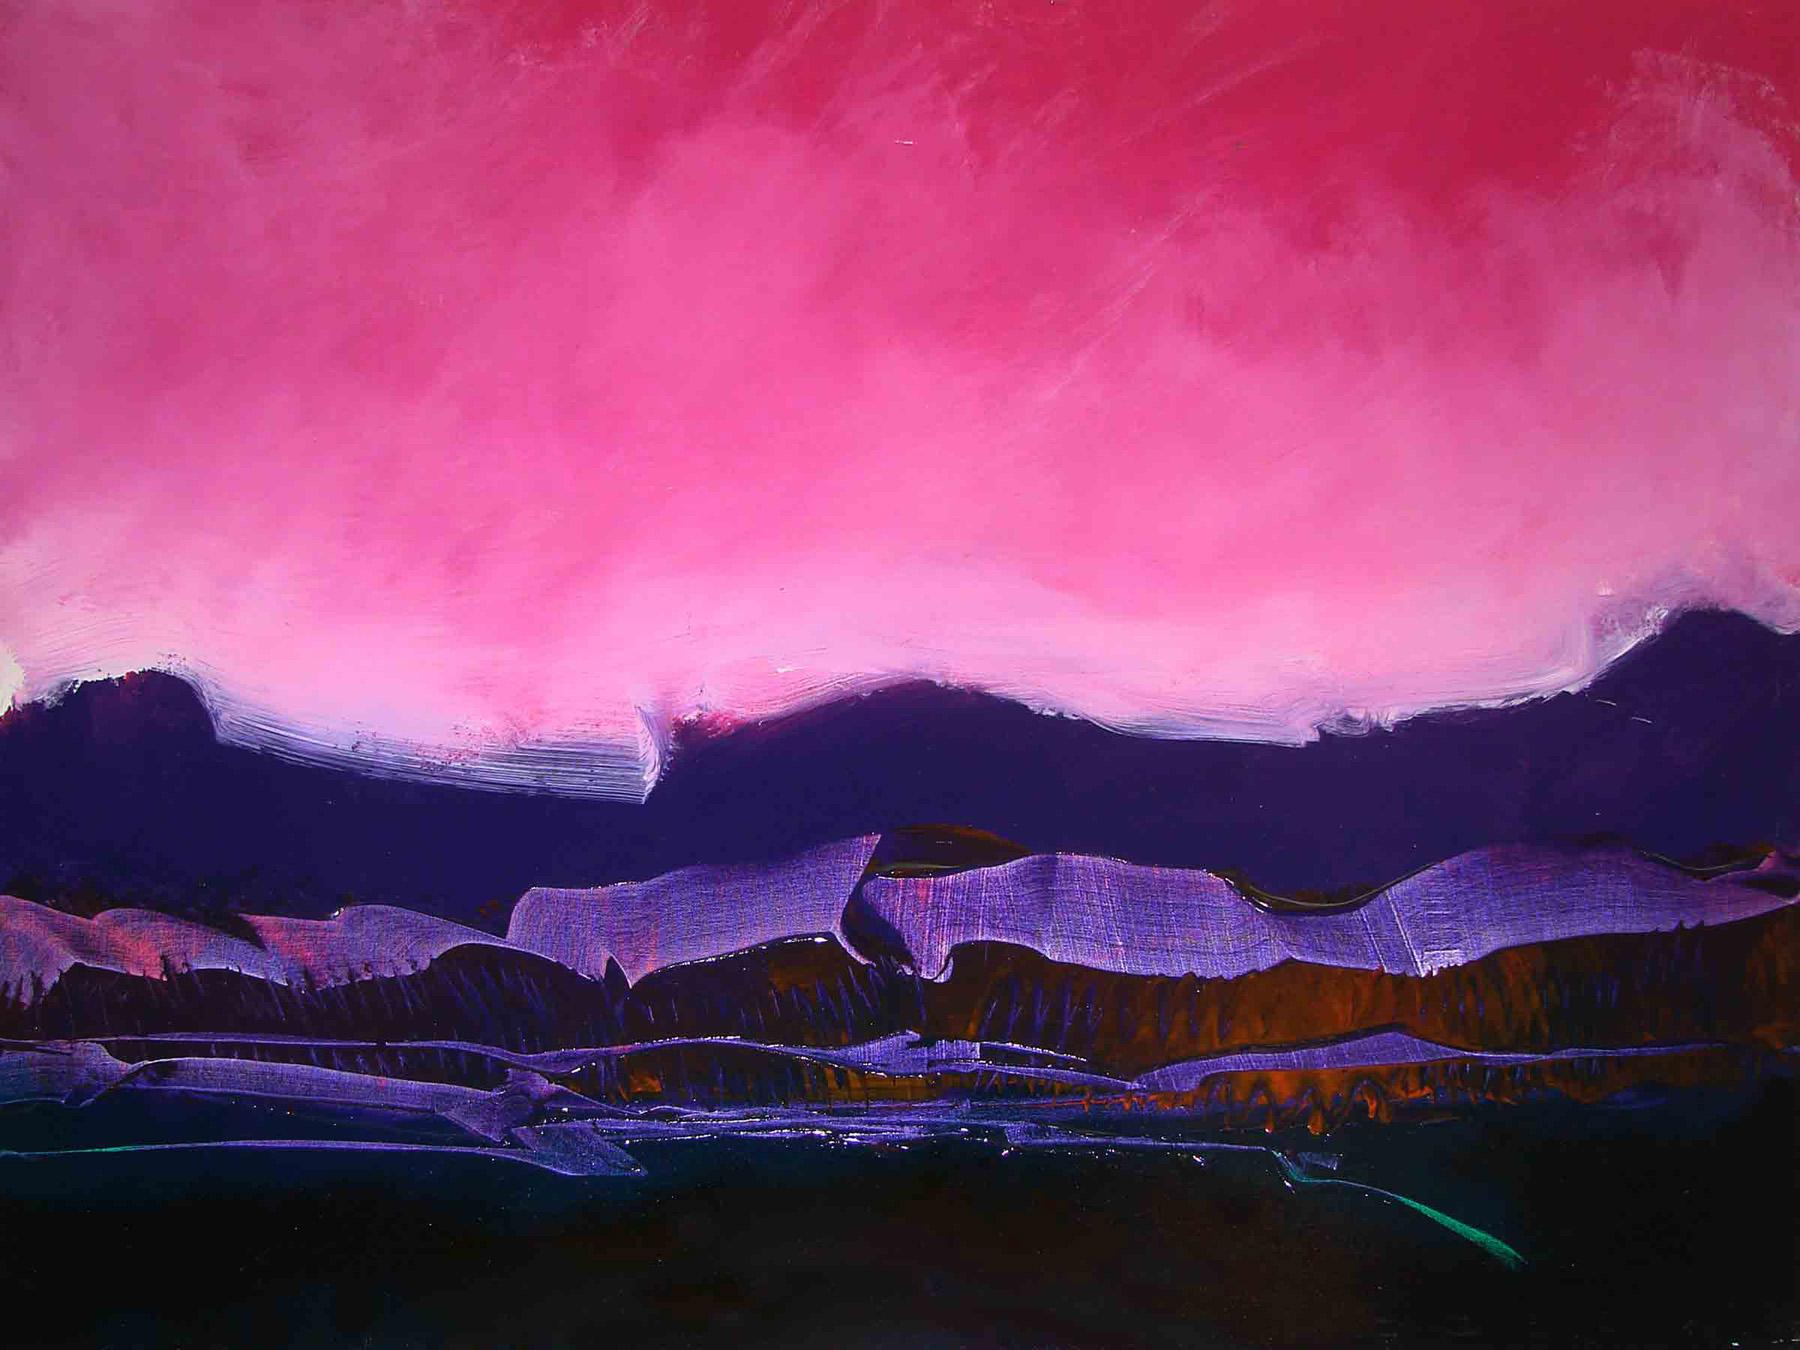 Larry Smith: Celestial Harmonies